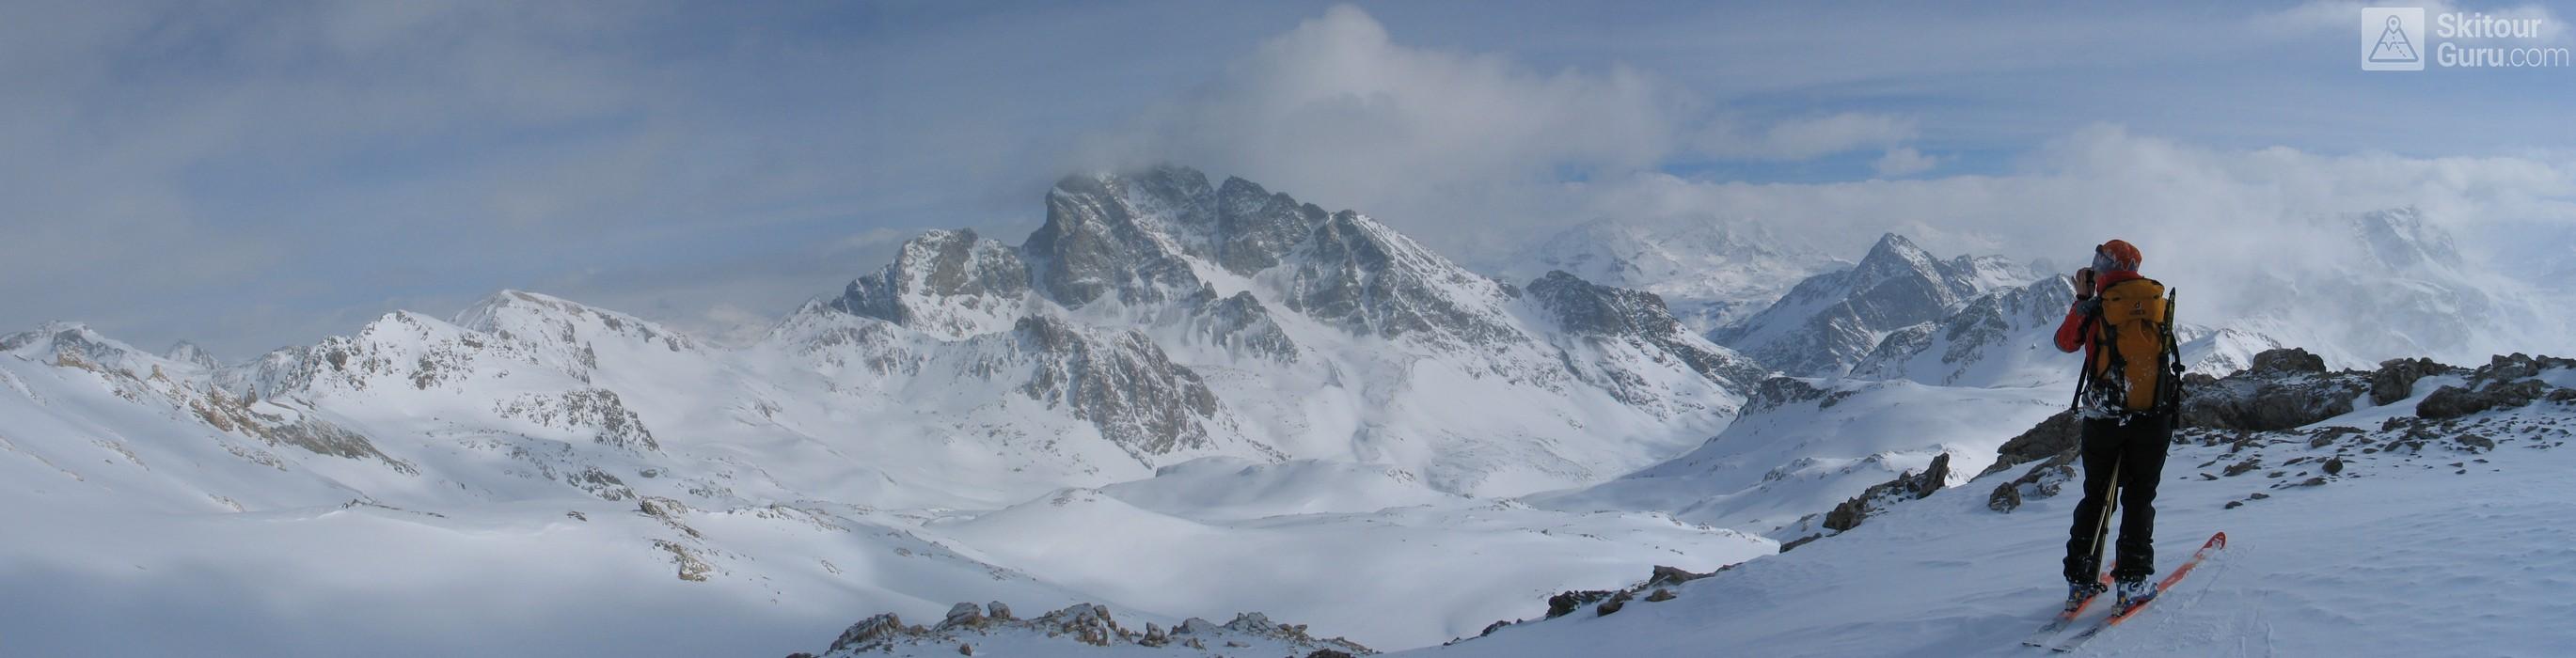 Piz Surgonda Albula Alpen Schweiz panorama 11